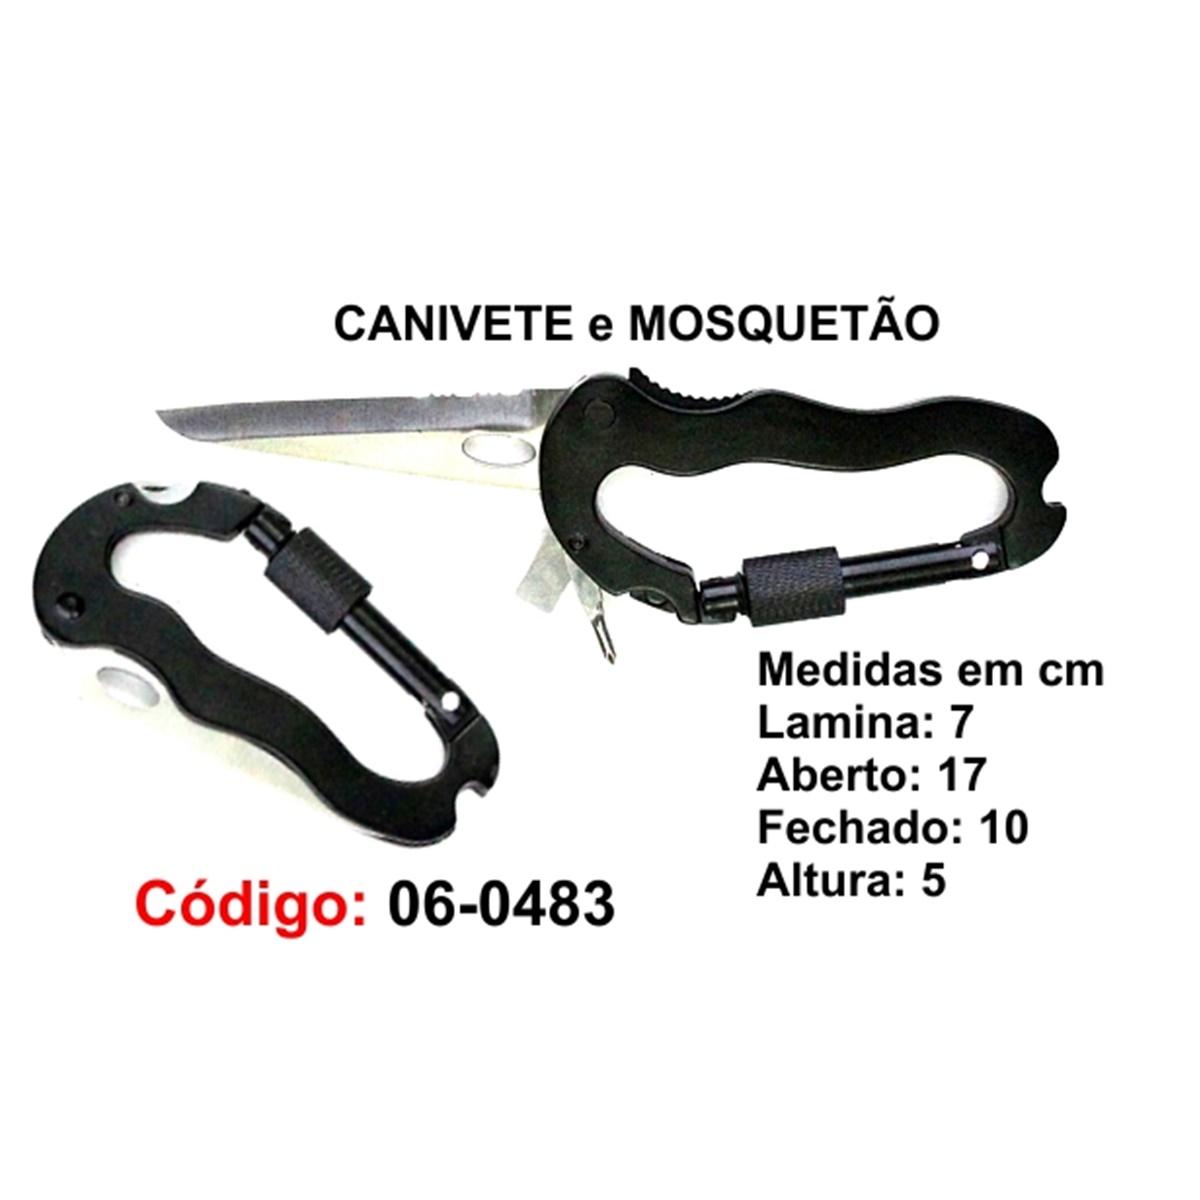 Canivete e Mosquetão Esportivo Caça Pesca Etc. 06-0483